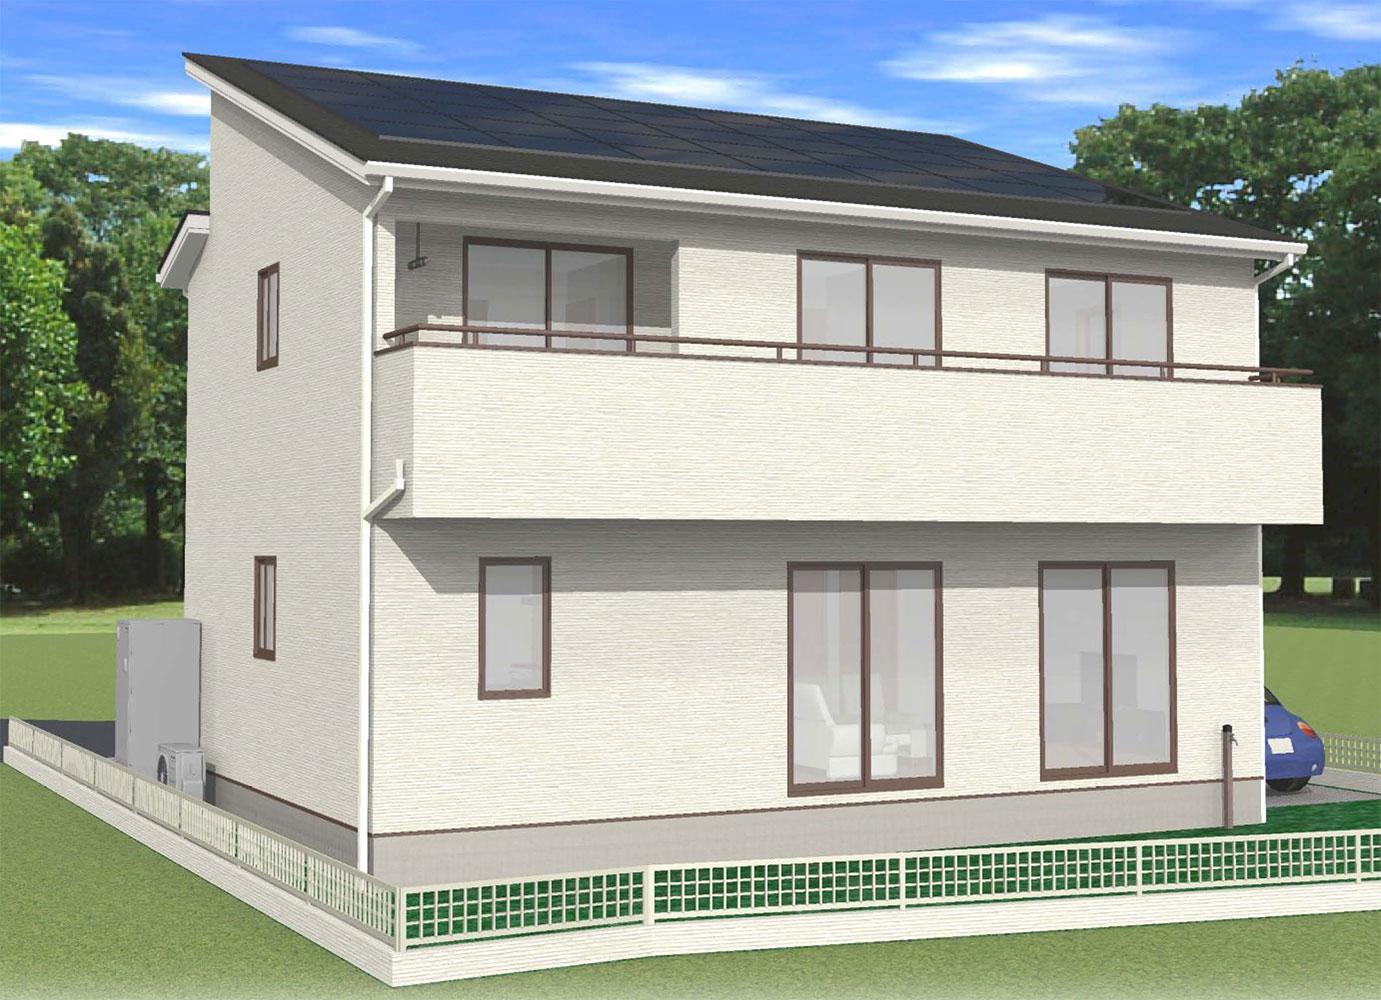 甲斐市下今井E39号棟 建売住宅 外観 イメージ画像